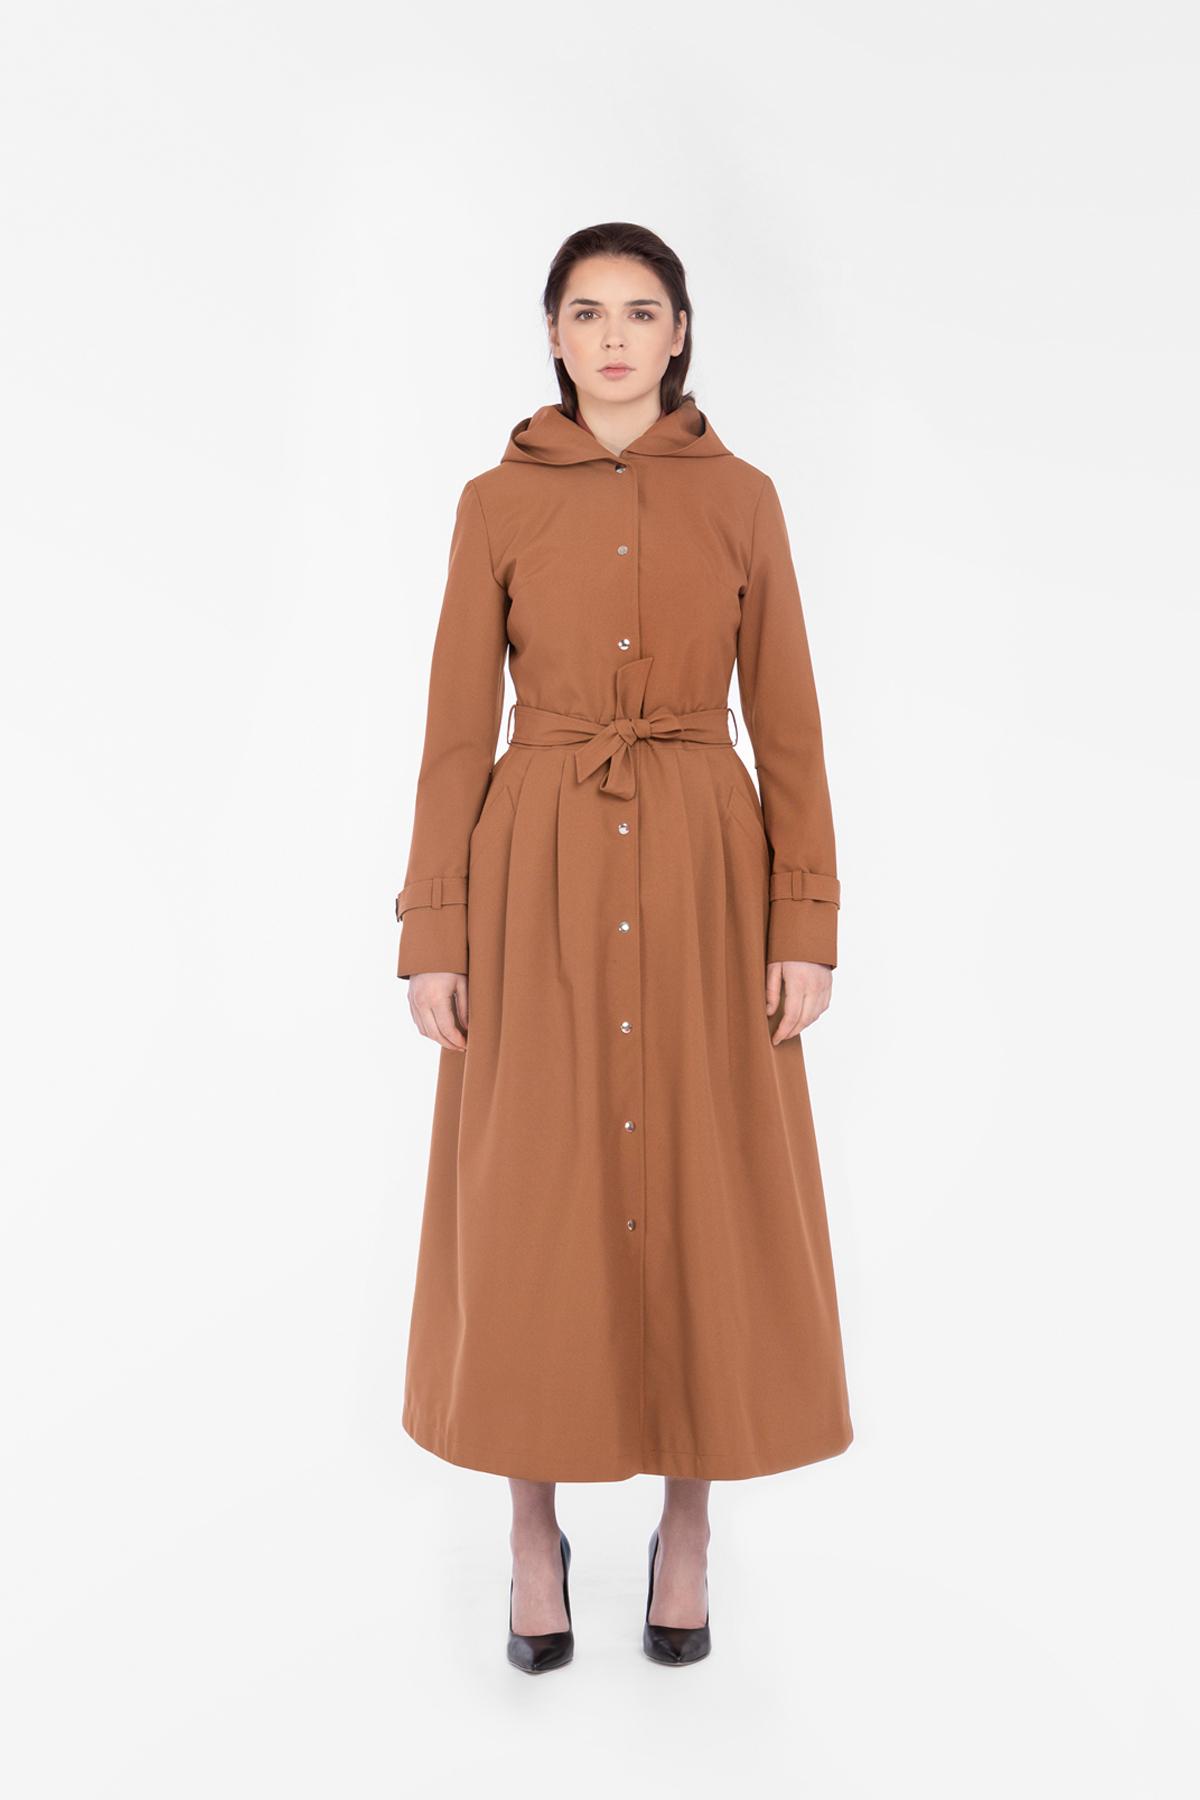 Women's raincoat 25